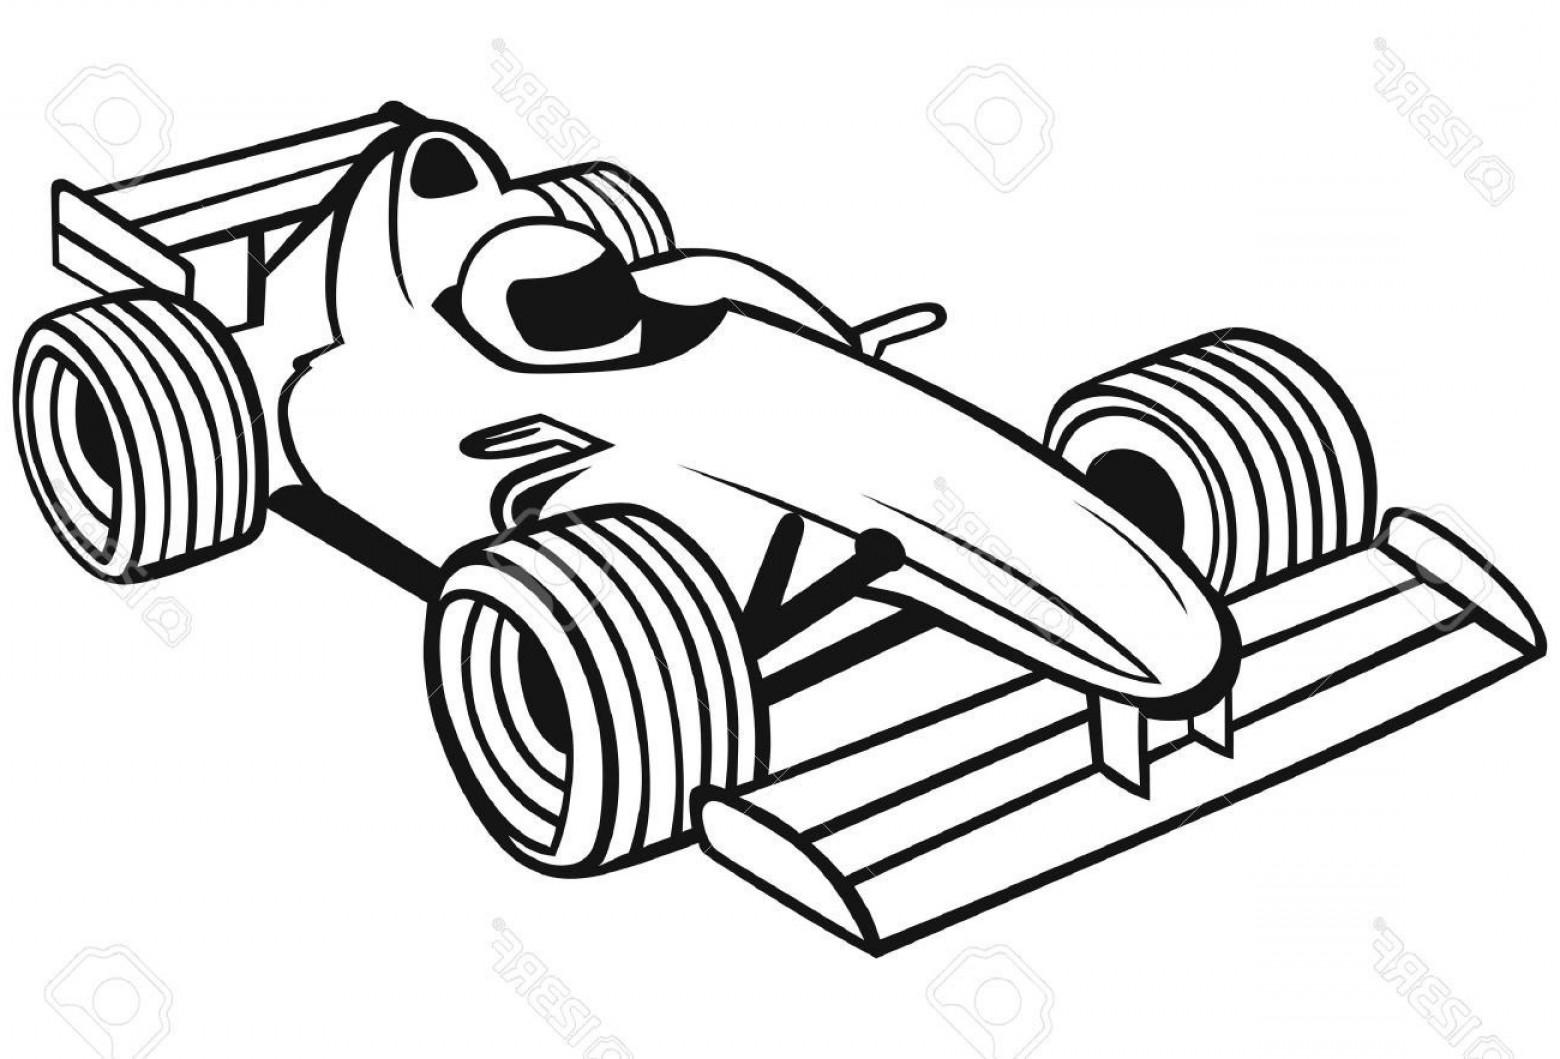 1560x1059 Nascar Racing Car Vector Drawing Shopatcloth